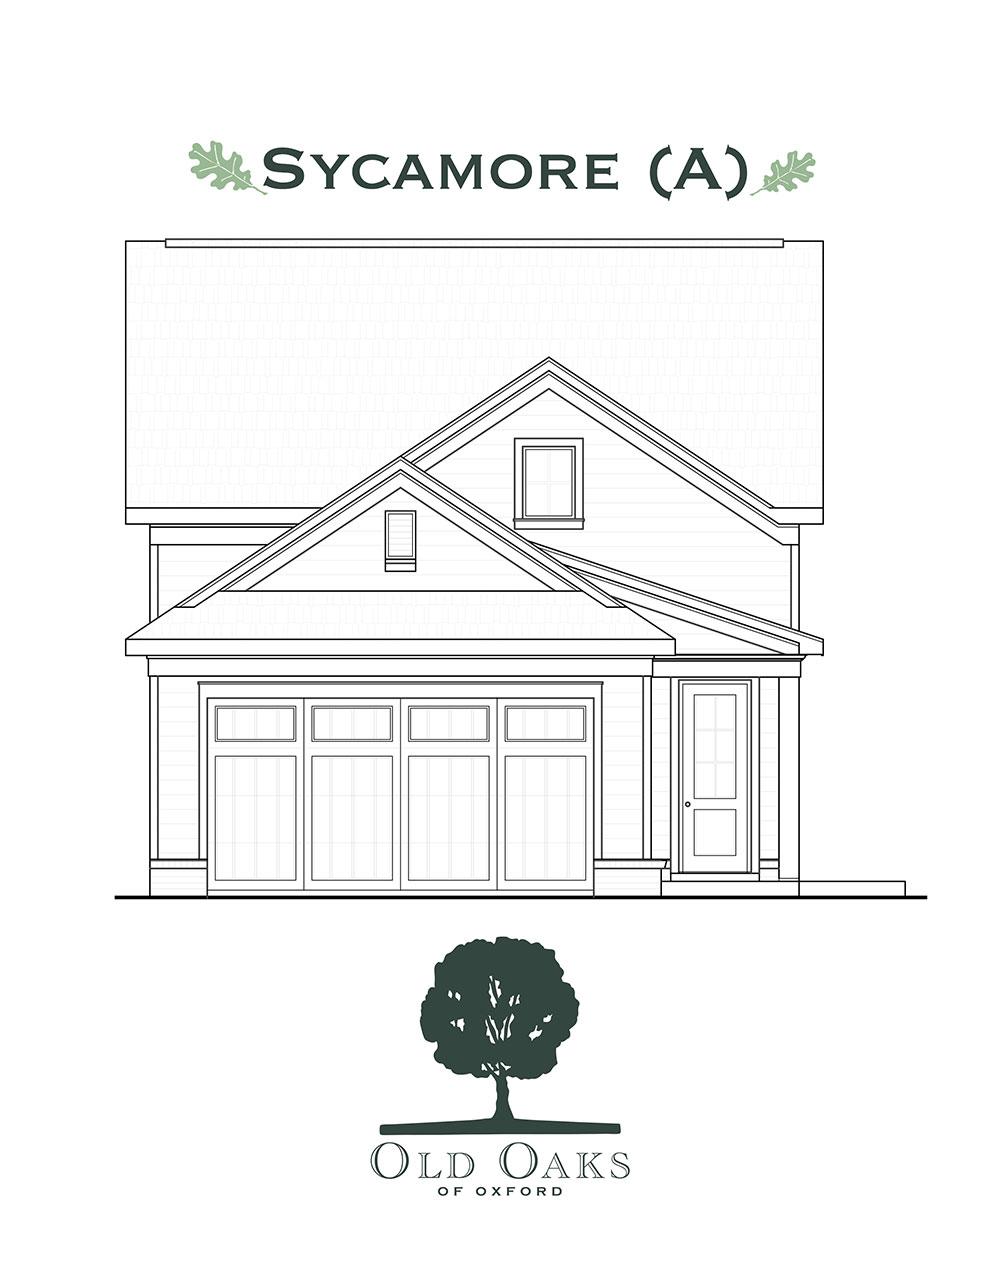 Sycamore (A)